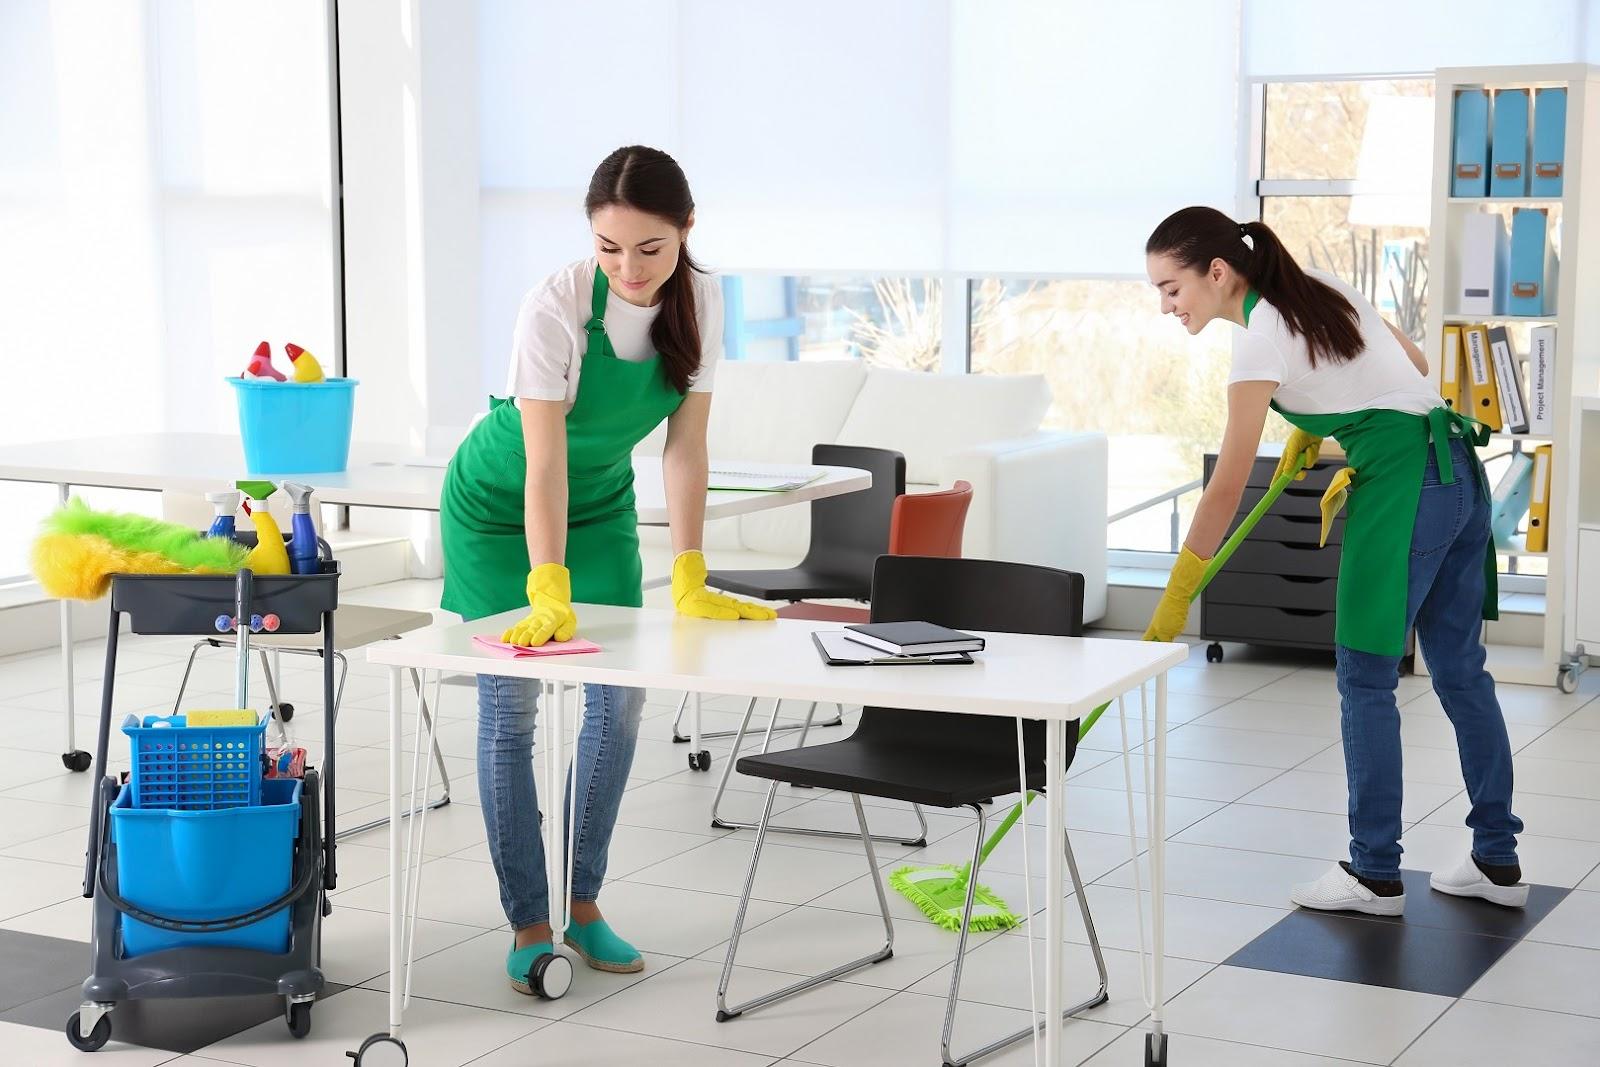 Terbukti! Ternyata 3 Hal Ini Solusi Ampuh Menjaga Kebersihan Kantor